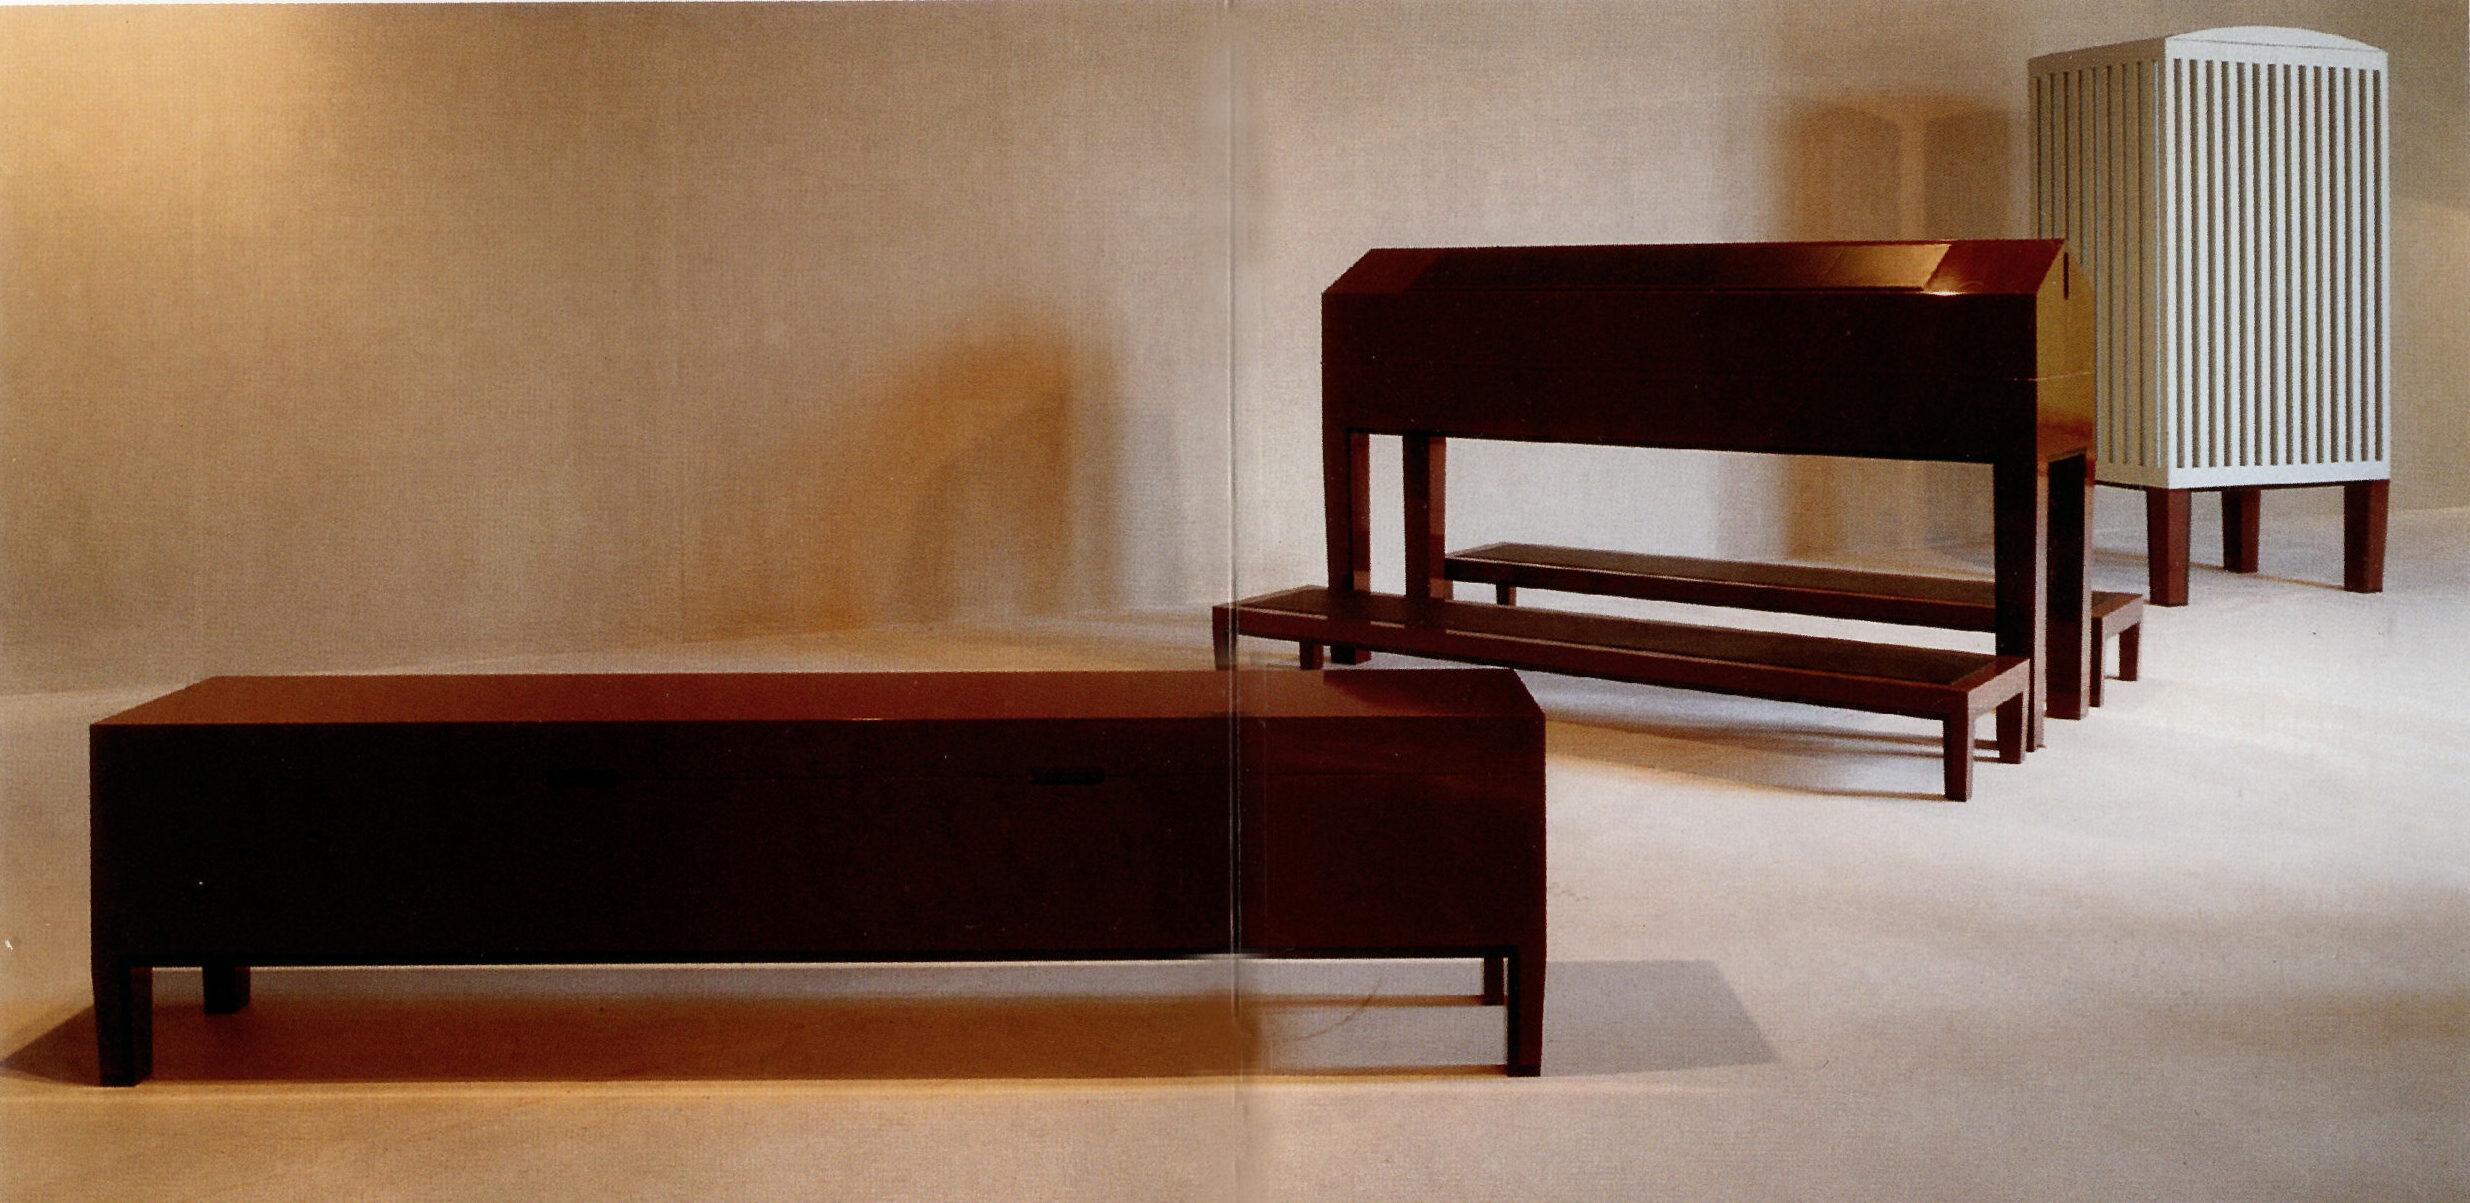 """Objekter, 3m lang bænk, meget høj skrivepult, 4m højt skab til udstillingen """"CHAMBRE"""" på Arken, Ishøj. Ved Poul Ingemann & Ingvar Cronhammer"""